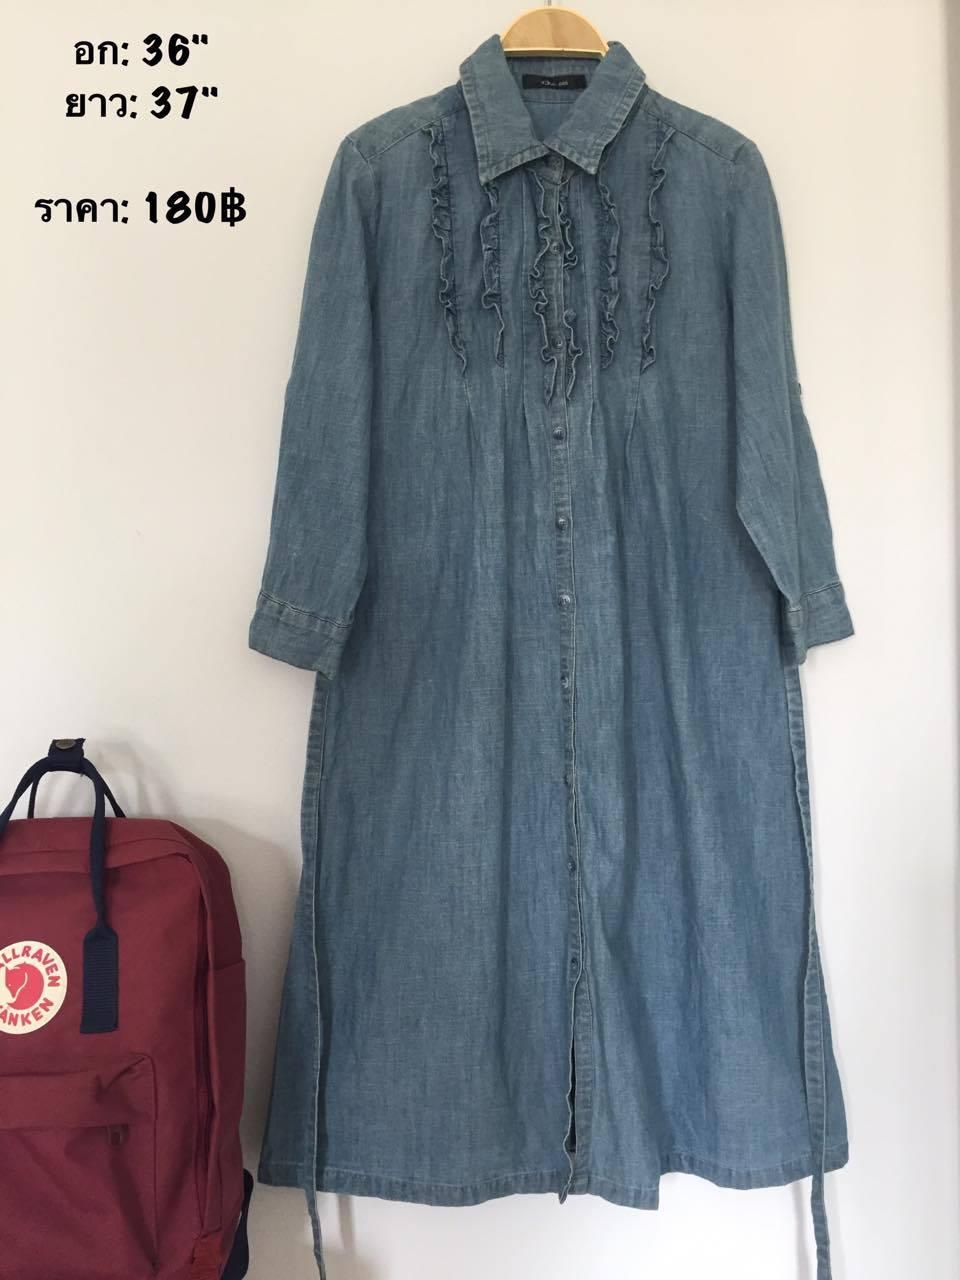 หมดค่ะ S060 เดรสยีนส์ อกแต่งระบาย มีผ้าคาดเอวด้วยค่ะ (งานญี่ปุ่น มือ2 สภาพดี)